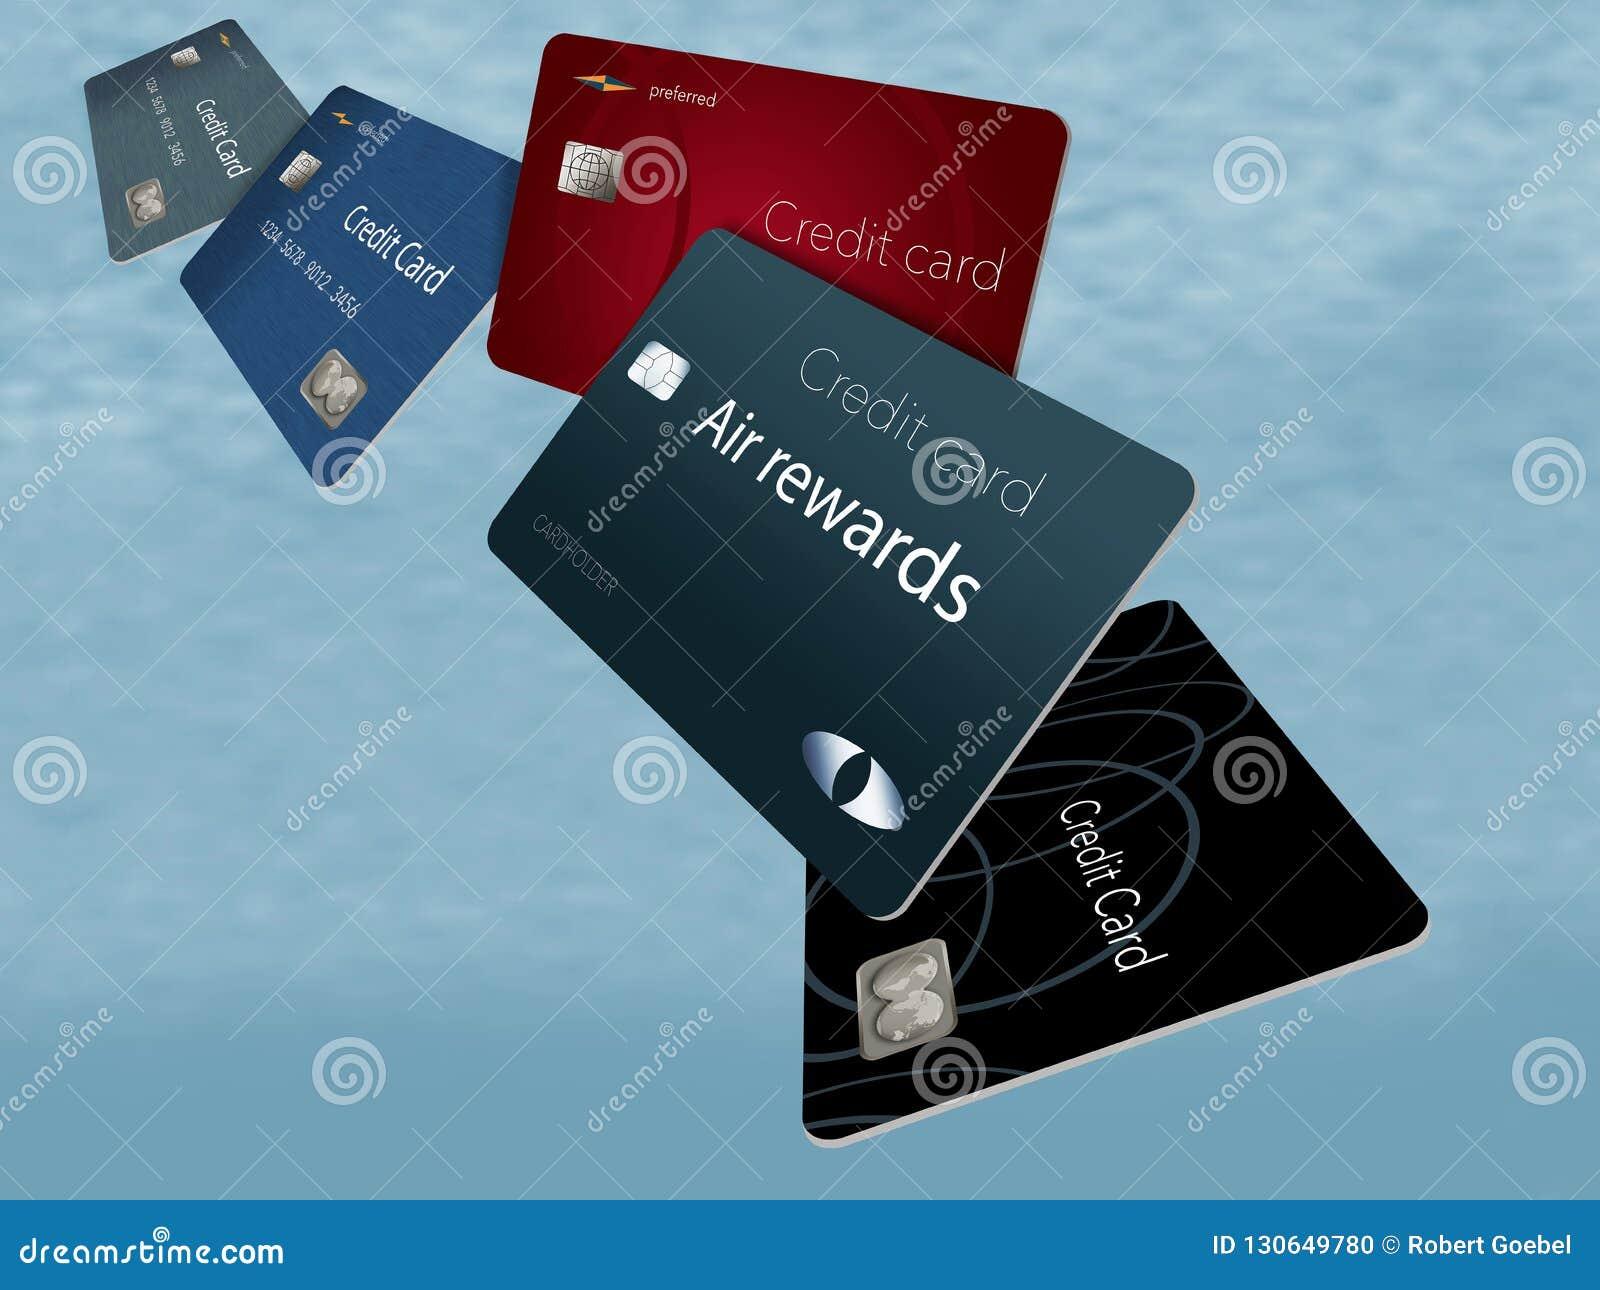 Las recompensas del aire crédito tarjetas son aquí flotación considerada y el volar en th